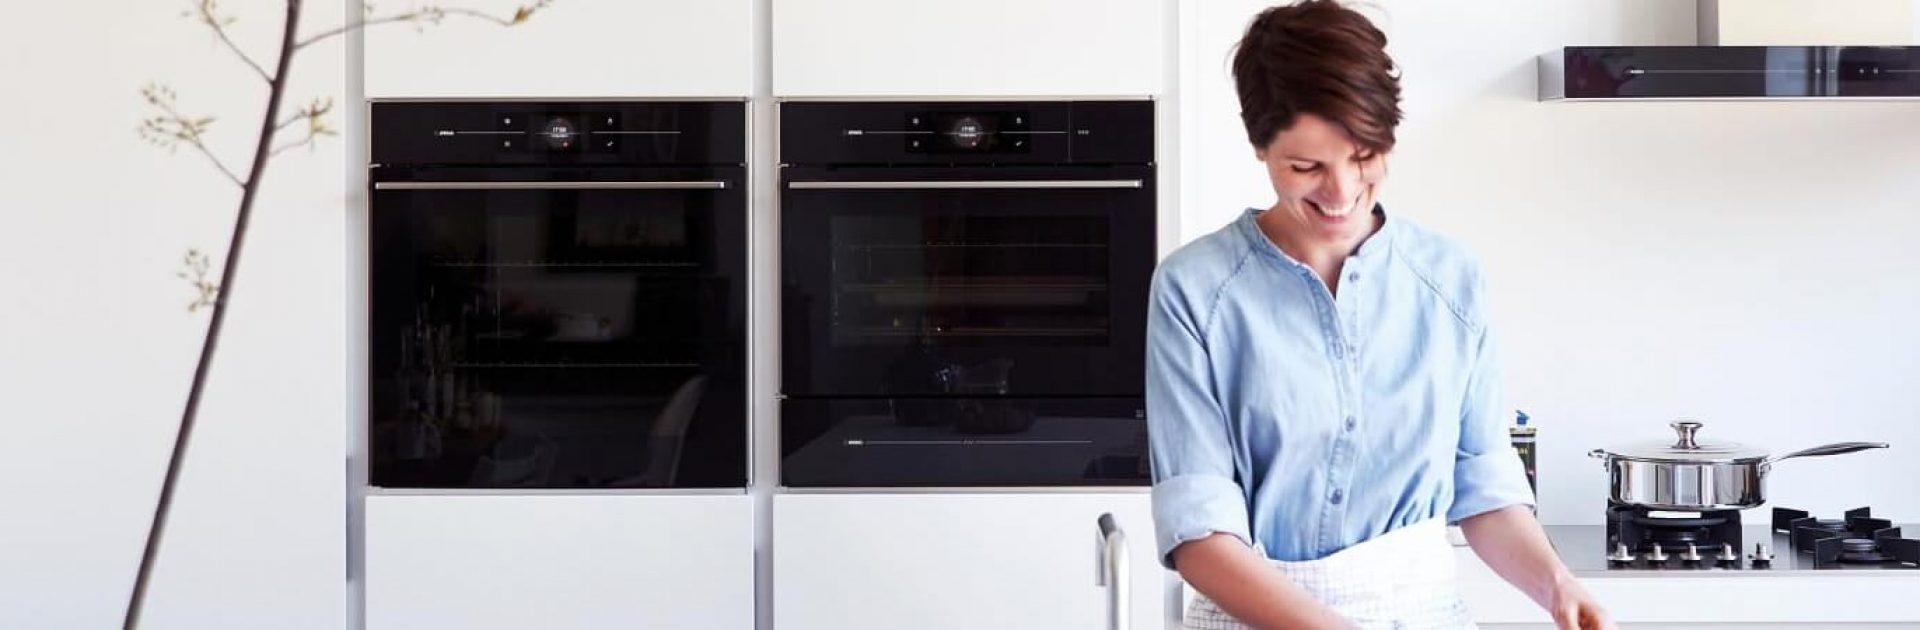 ATAG keukenapparatuur en inbouwapparatuur